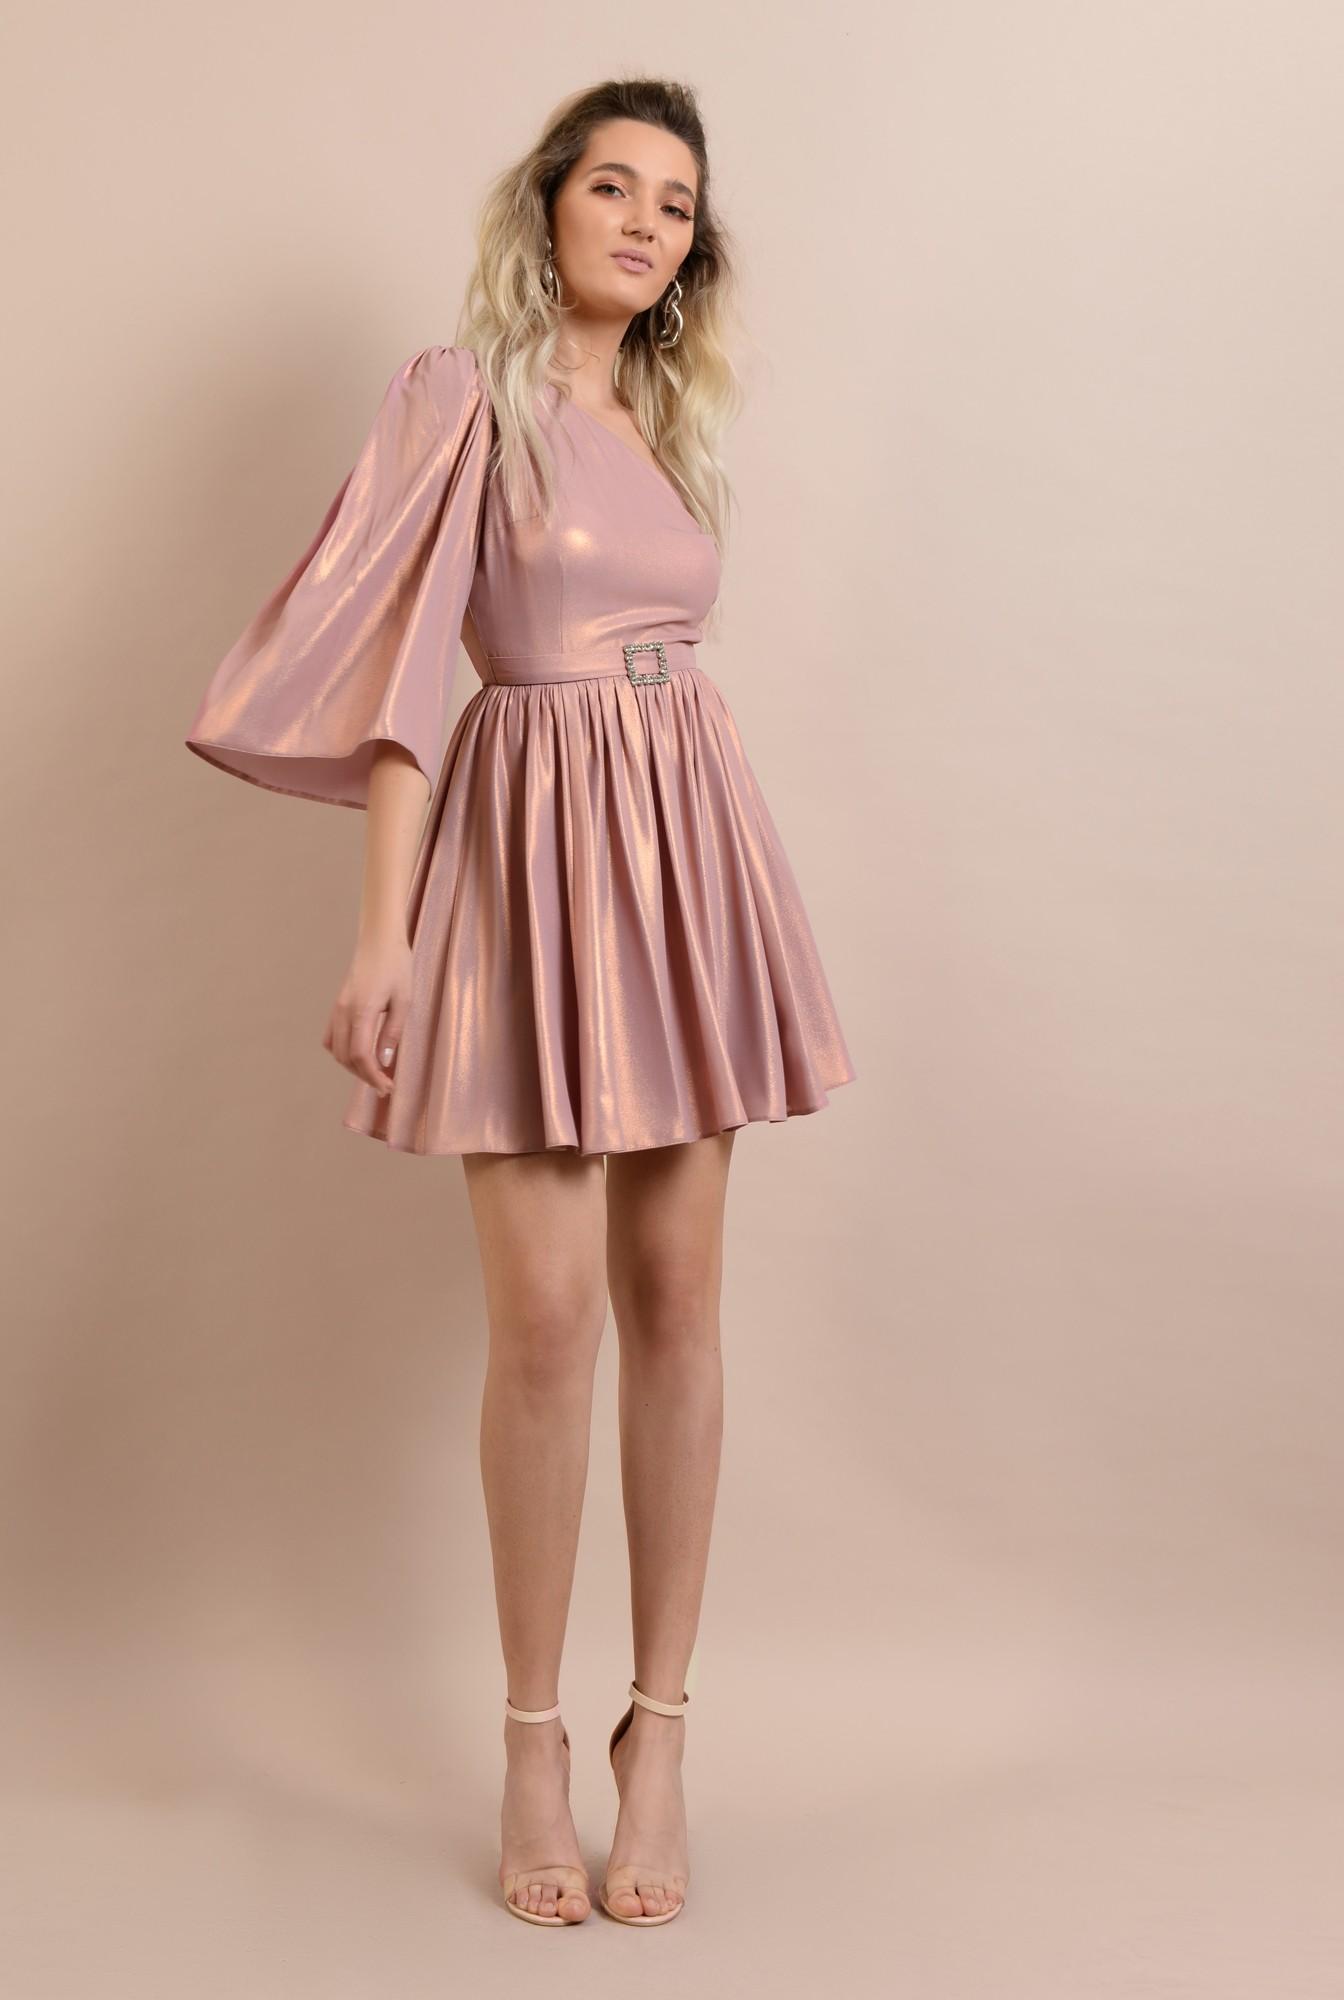 3 -  rochie de ocazie, cu o maneca, decolteu asimetric, clos, catarama decorativa, roz